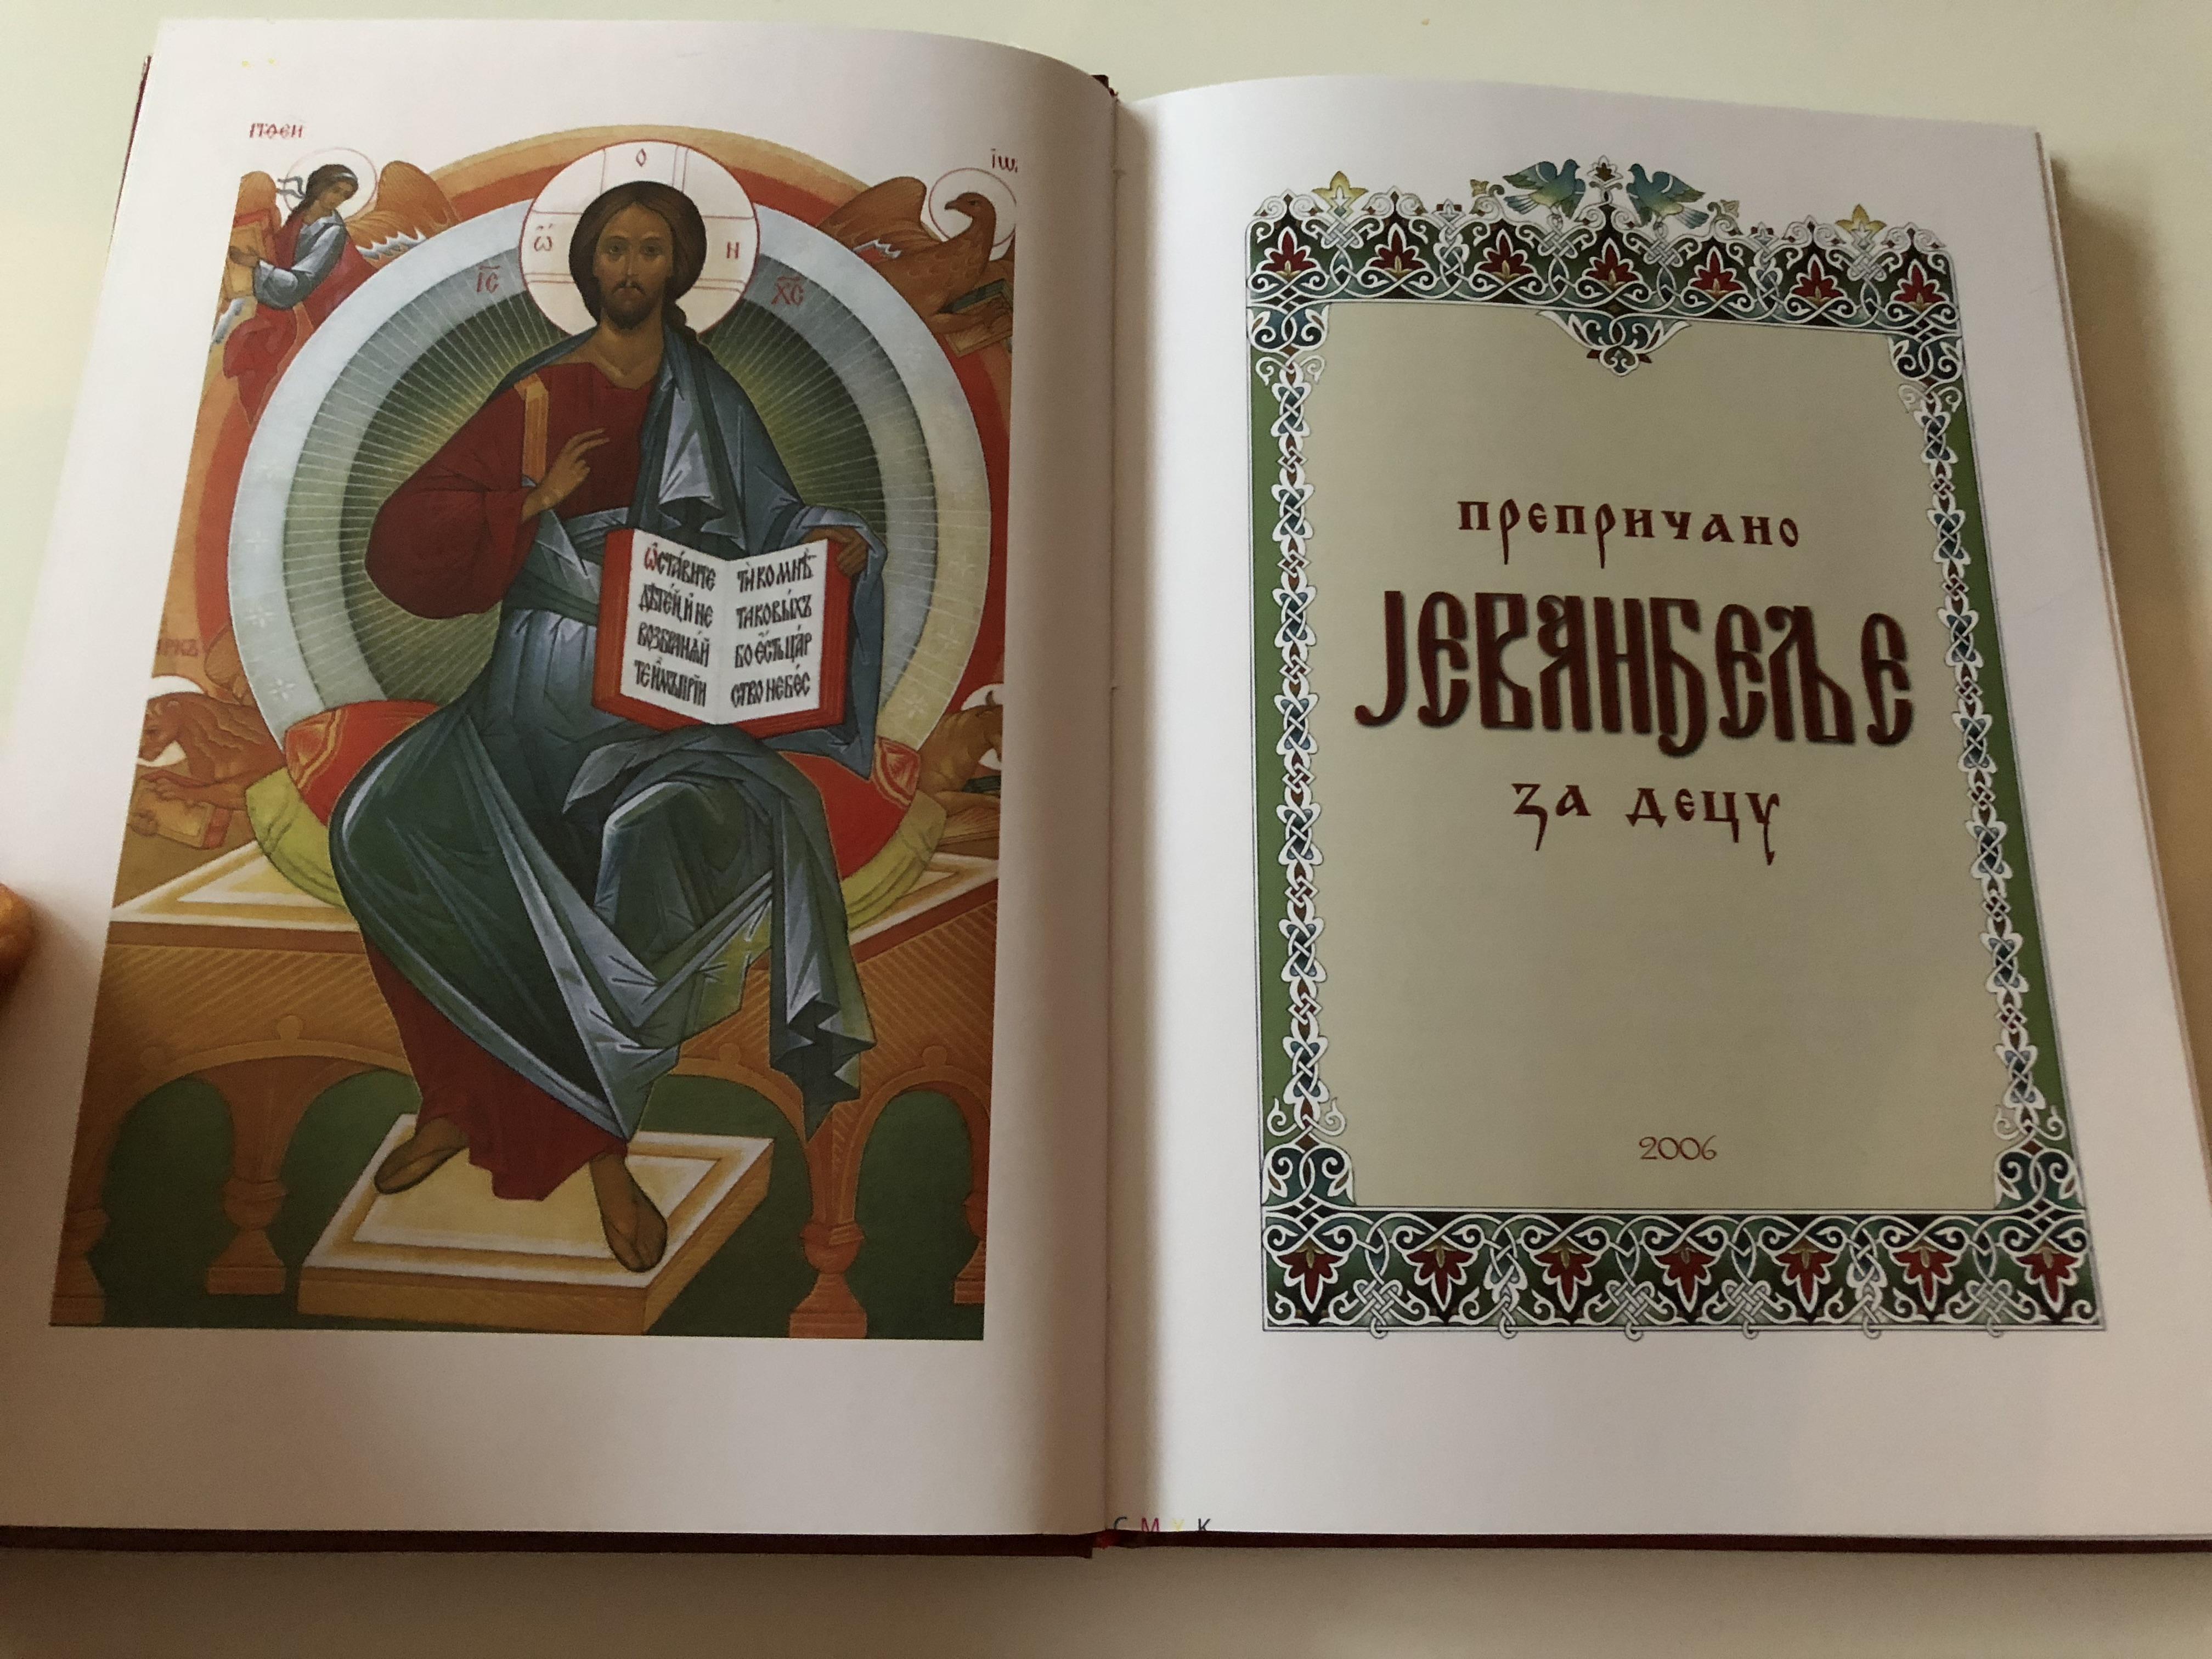 serbian-gospel-retold-for-children-3-.jpg